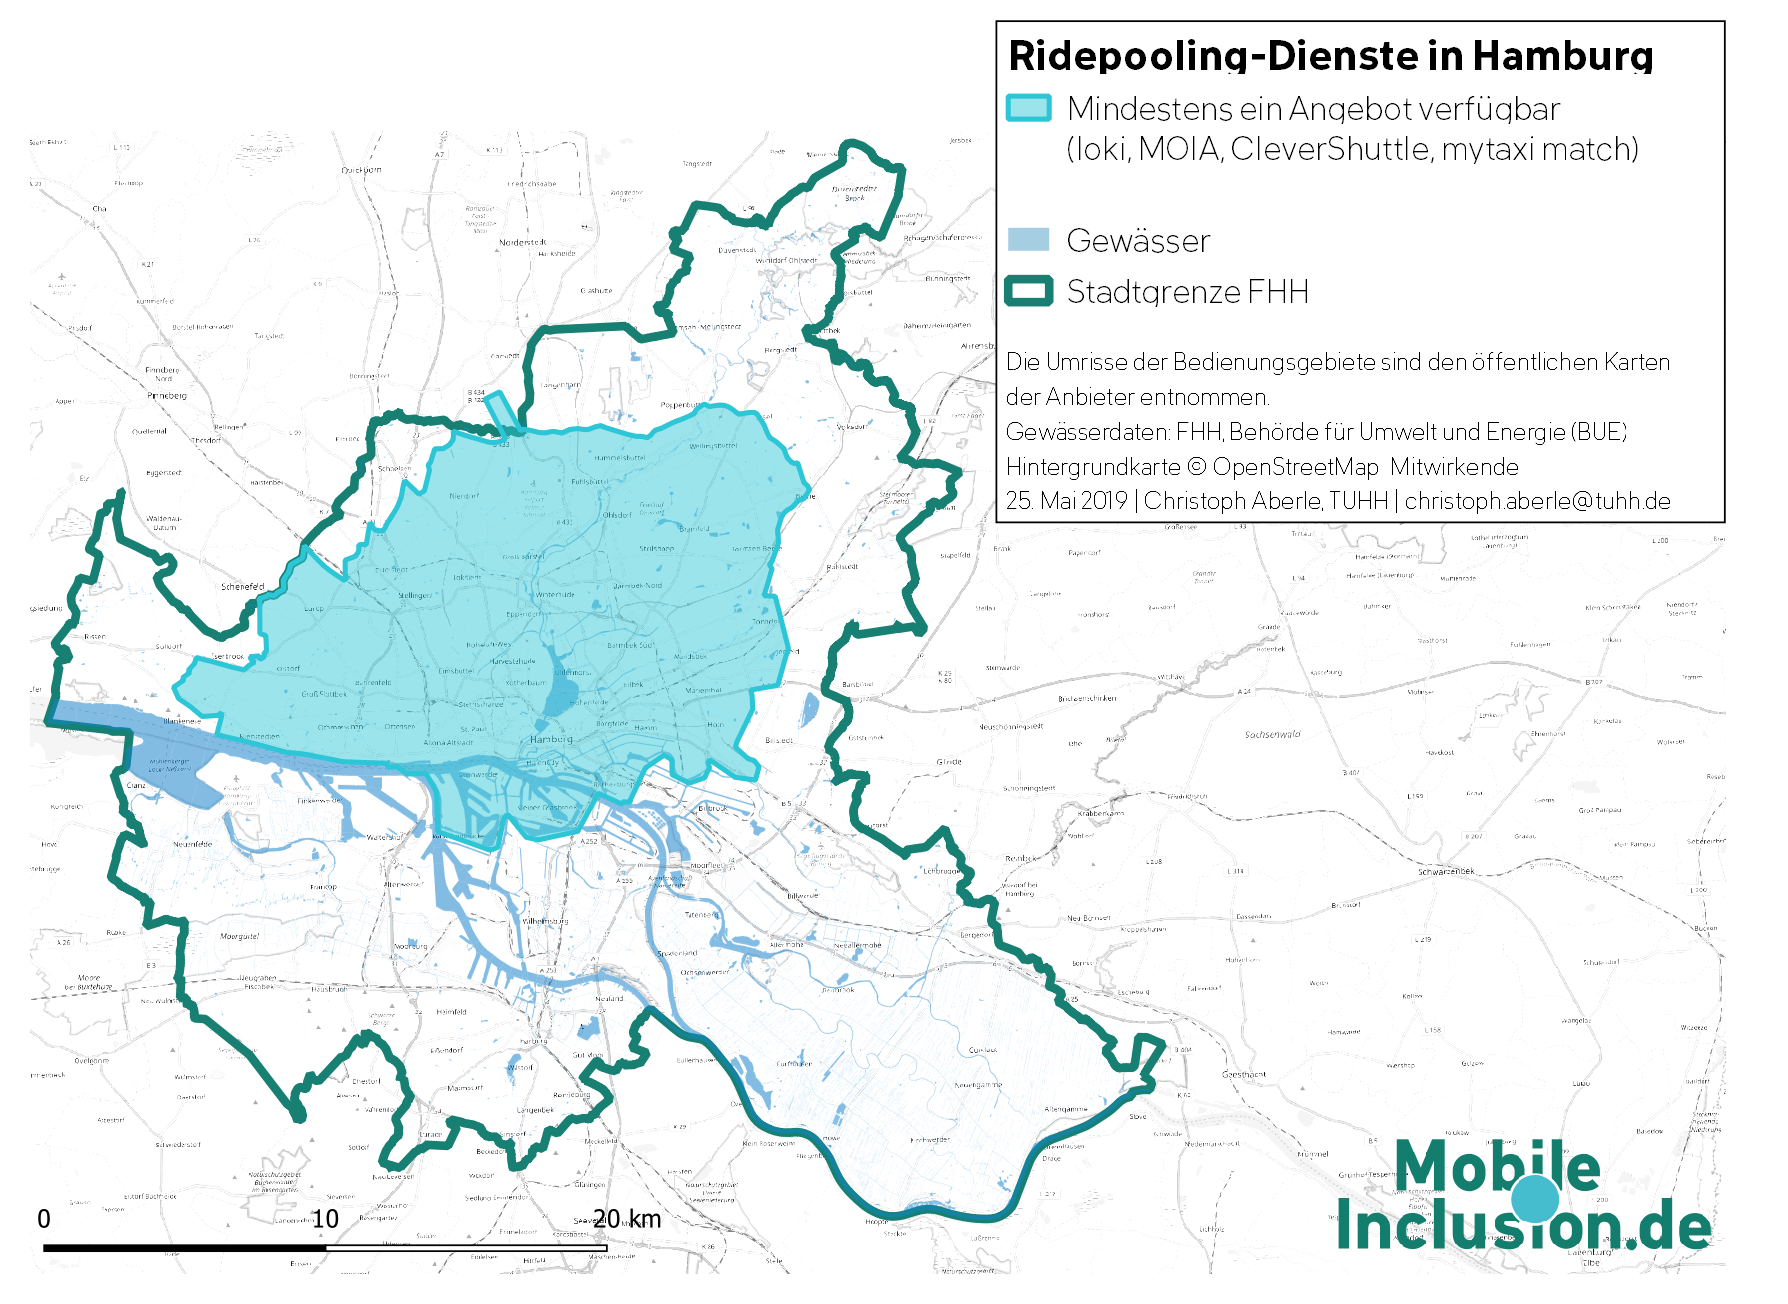 Karte, die Ridepooling-Angebote in Hamburg zeigt: Fläche, die von mindestens einem Angebot erschlossen wird